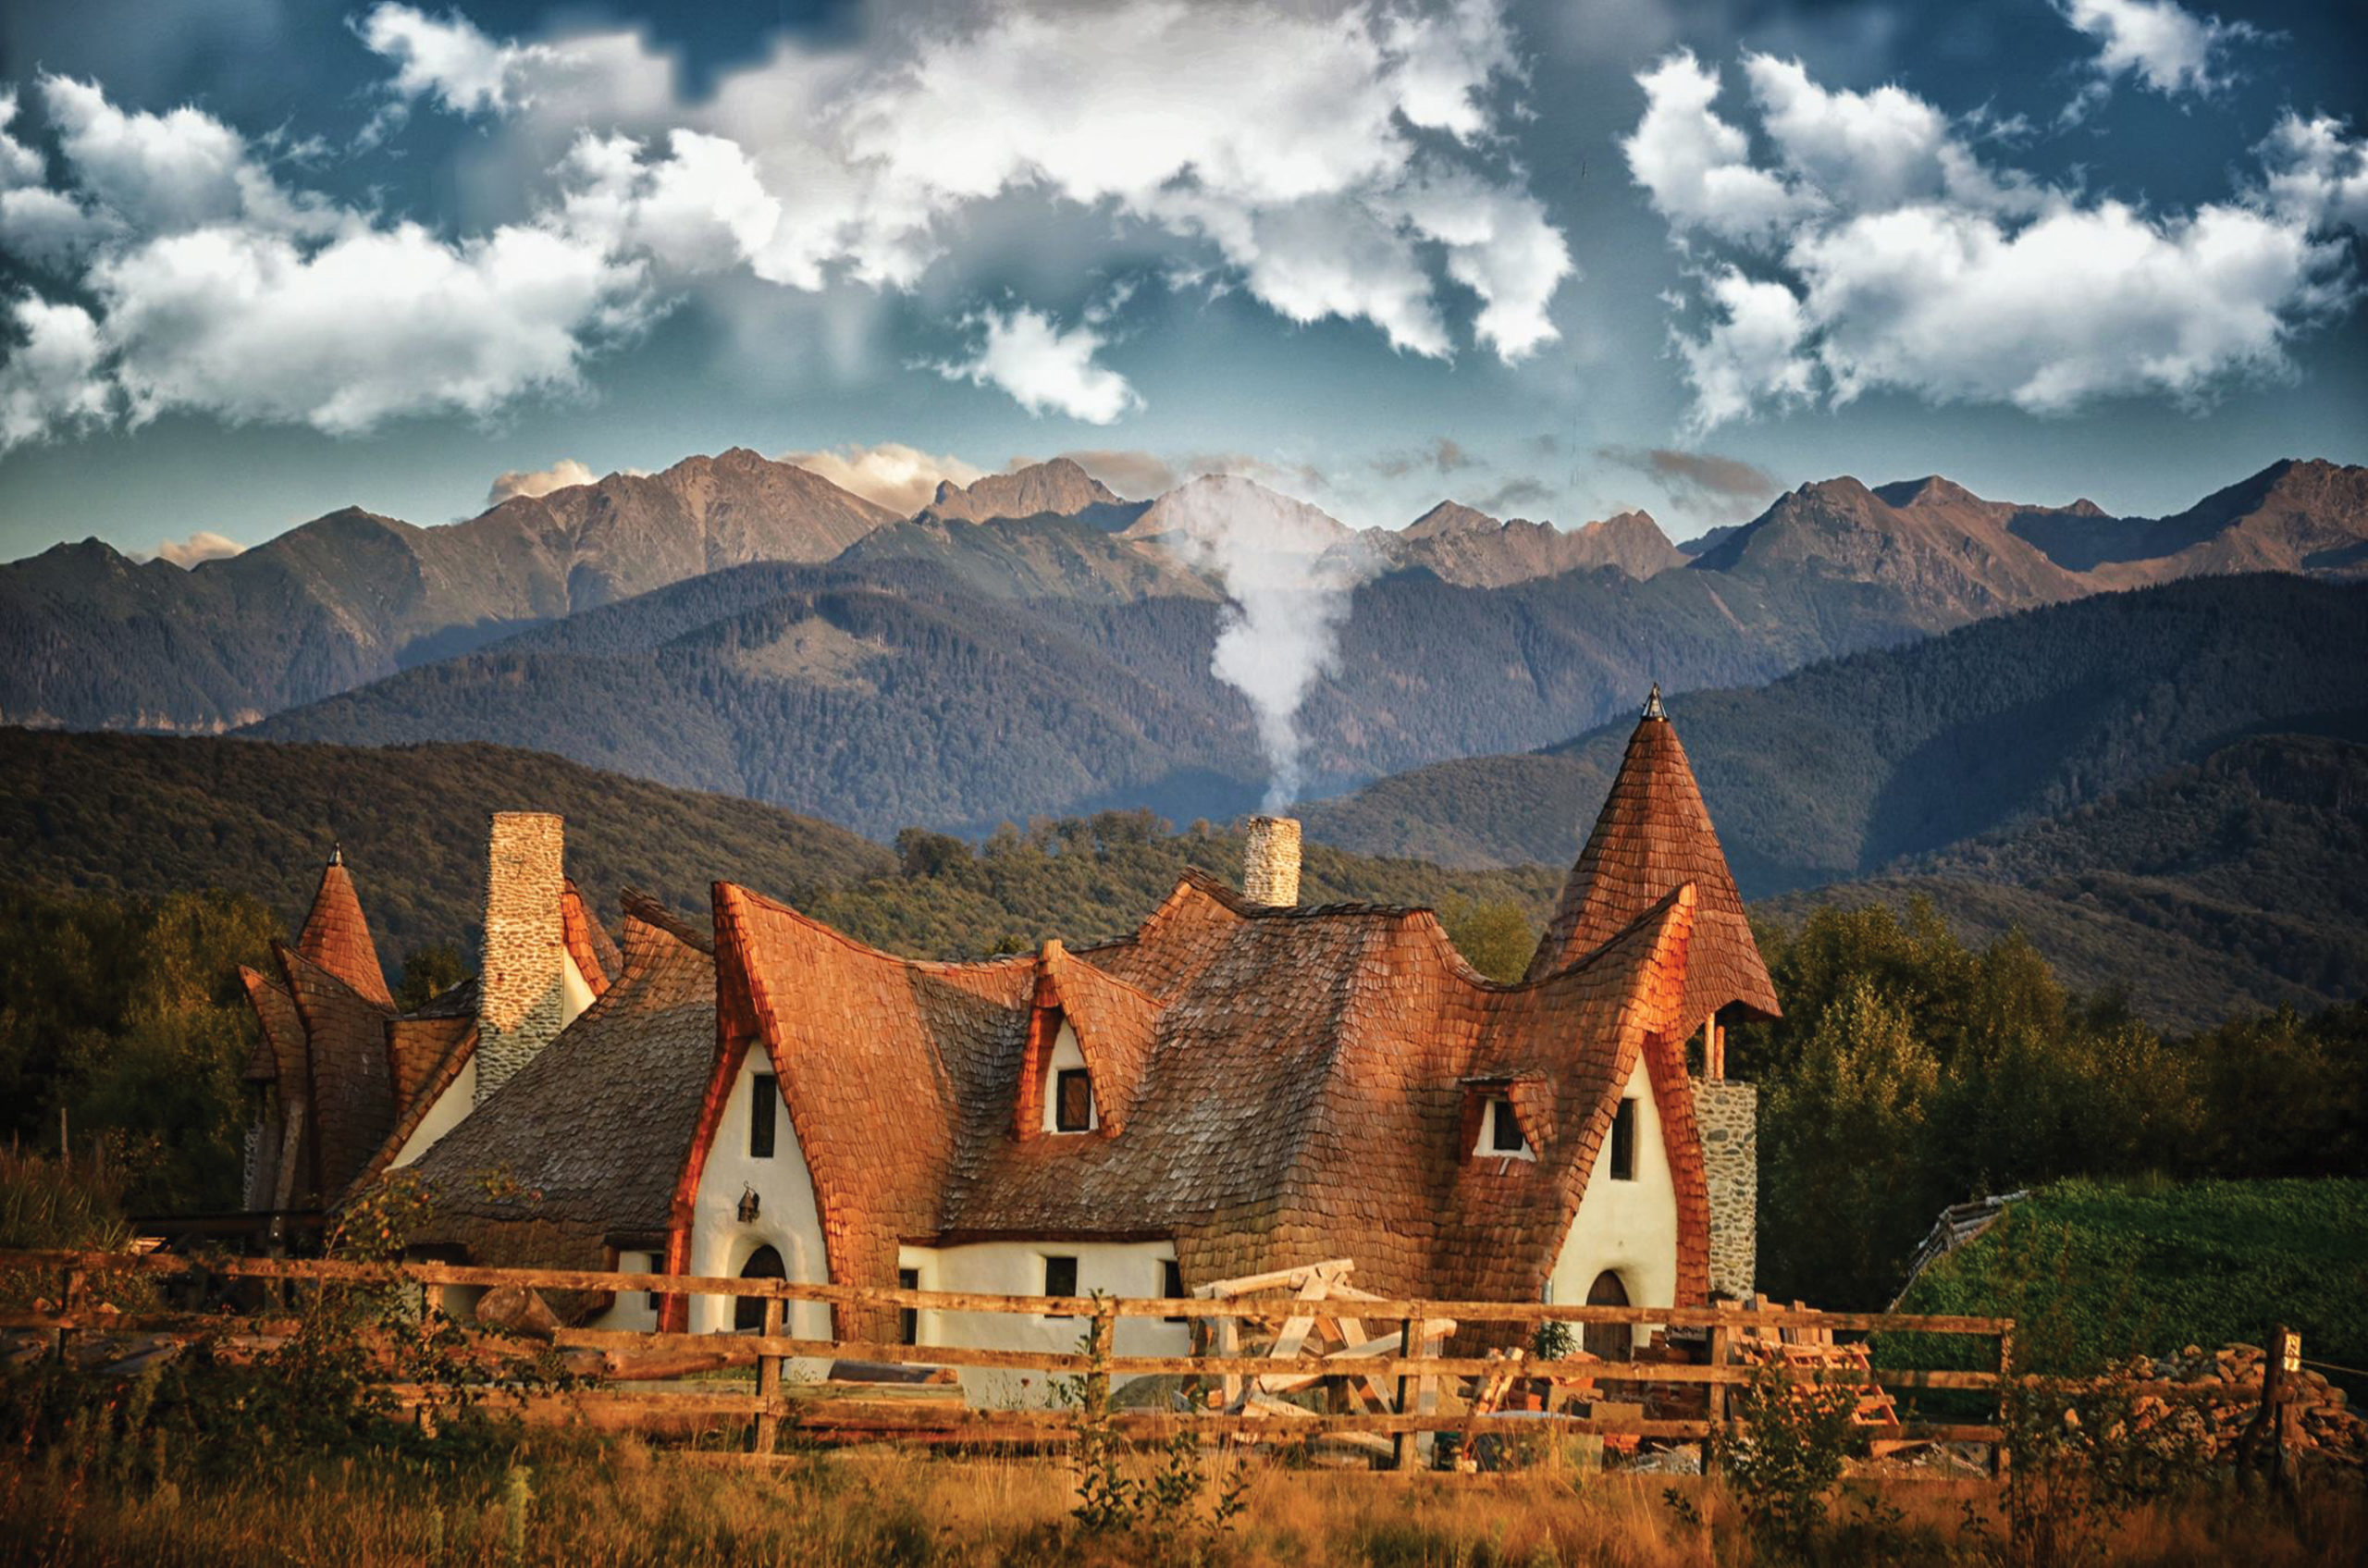 Castelul de Lut Valea Zanelor Sibiu Romania - Toamna